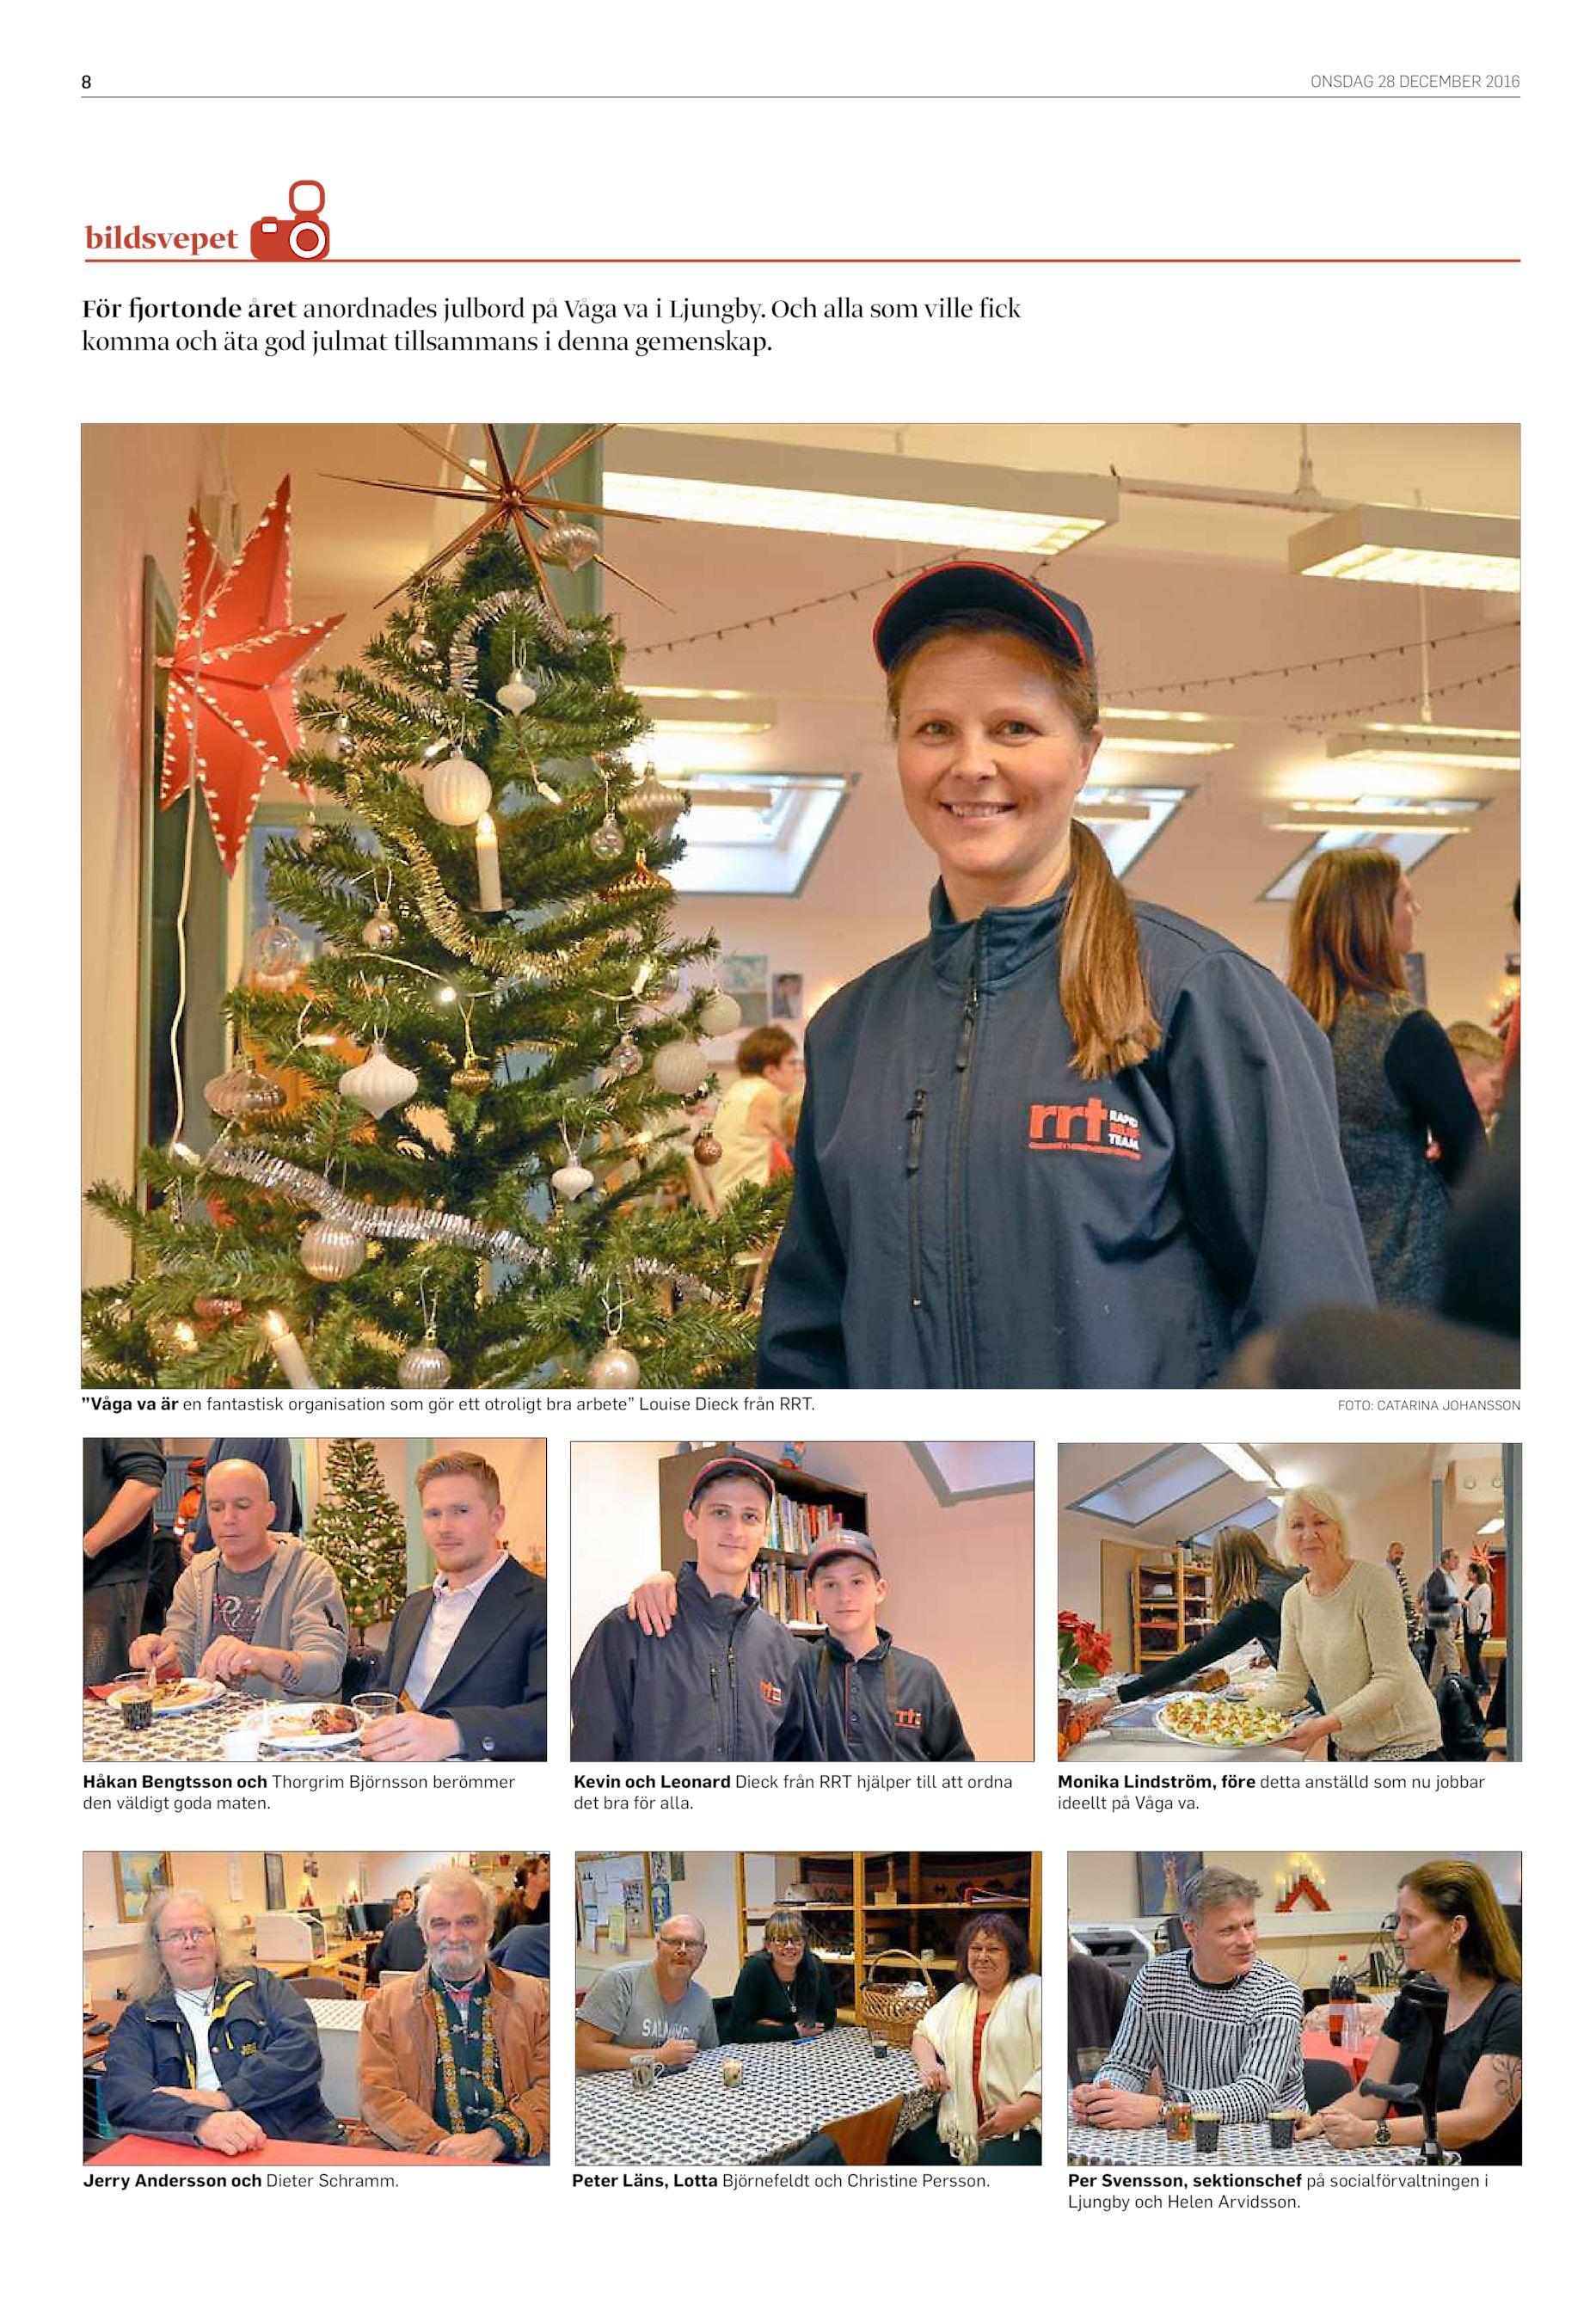 Veckobladet sv 20161228 (endast text)